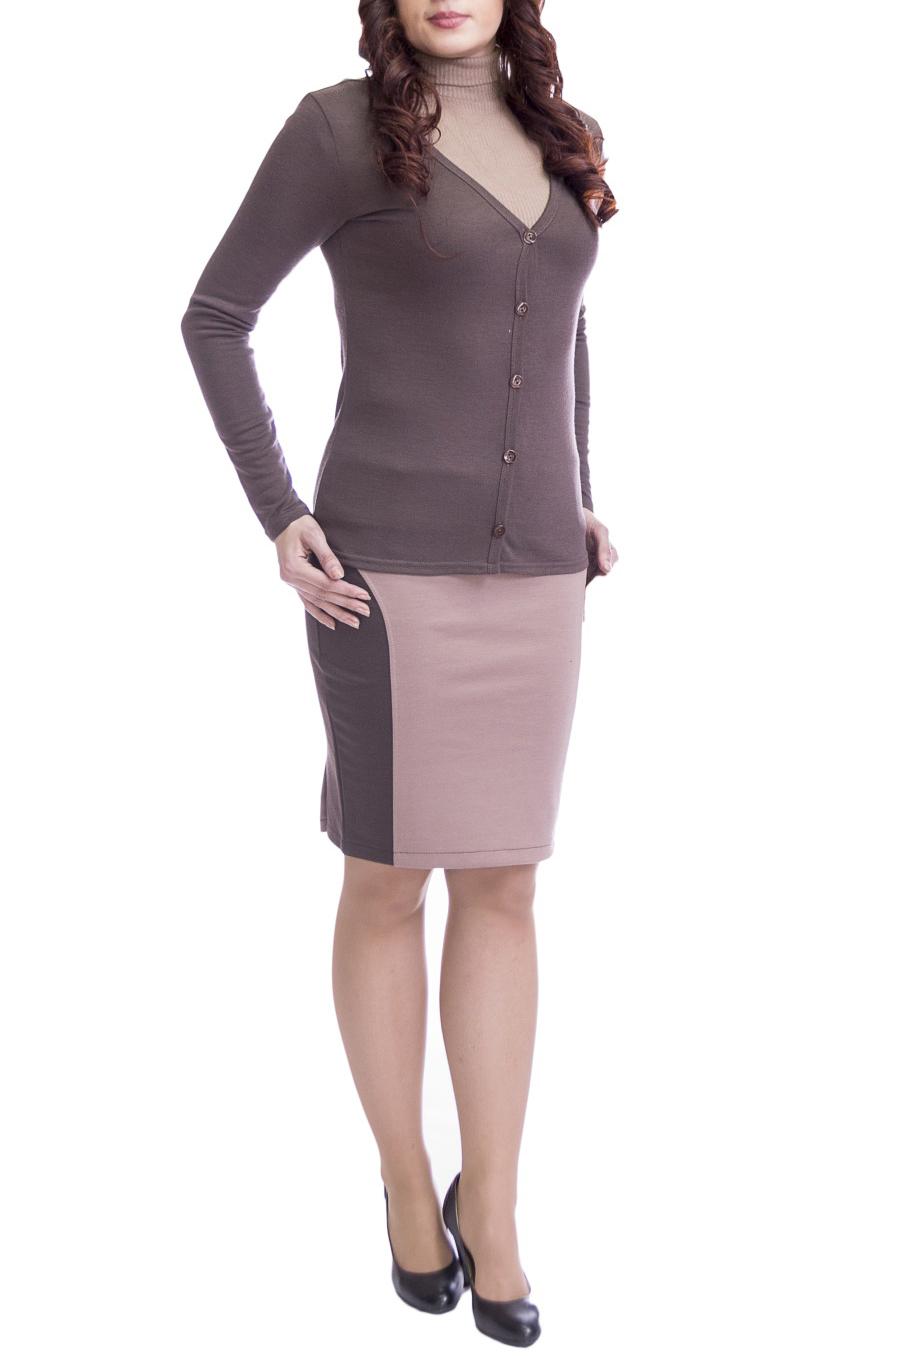 КардиганКардиганы<br>Однотонный кардиган с длинными рукавами и застежкой на пуговицы. Модель выполнена из мягкой вискозы. Отличный выбор для повседневного и делового гардероба.  Цвет: коричневый  Рост девушки-фотомодели 170 см.<br><br>Горловина: V- горловина<br>Застежка: С пуговицами<br>По длине: Короткие<br>По материалу: Вискоза,Трикотаж<br>По образу: Город,Офис<br>По рисунку: Однотонные<br>По стилю: Классический стиль,Офисный стиль,Повседневный стиль<br>Рукав: Длинный рукав<br>По сезону: Осень,Весна<br>Размер : 46,48,50,52<br>Материал: Вискоза<br>Количество в наличии: 8